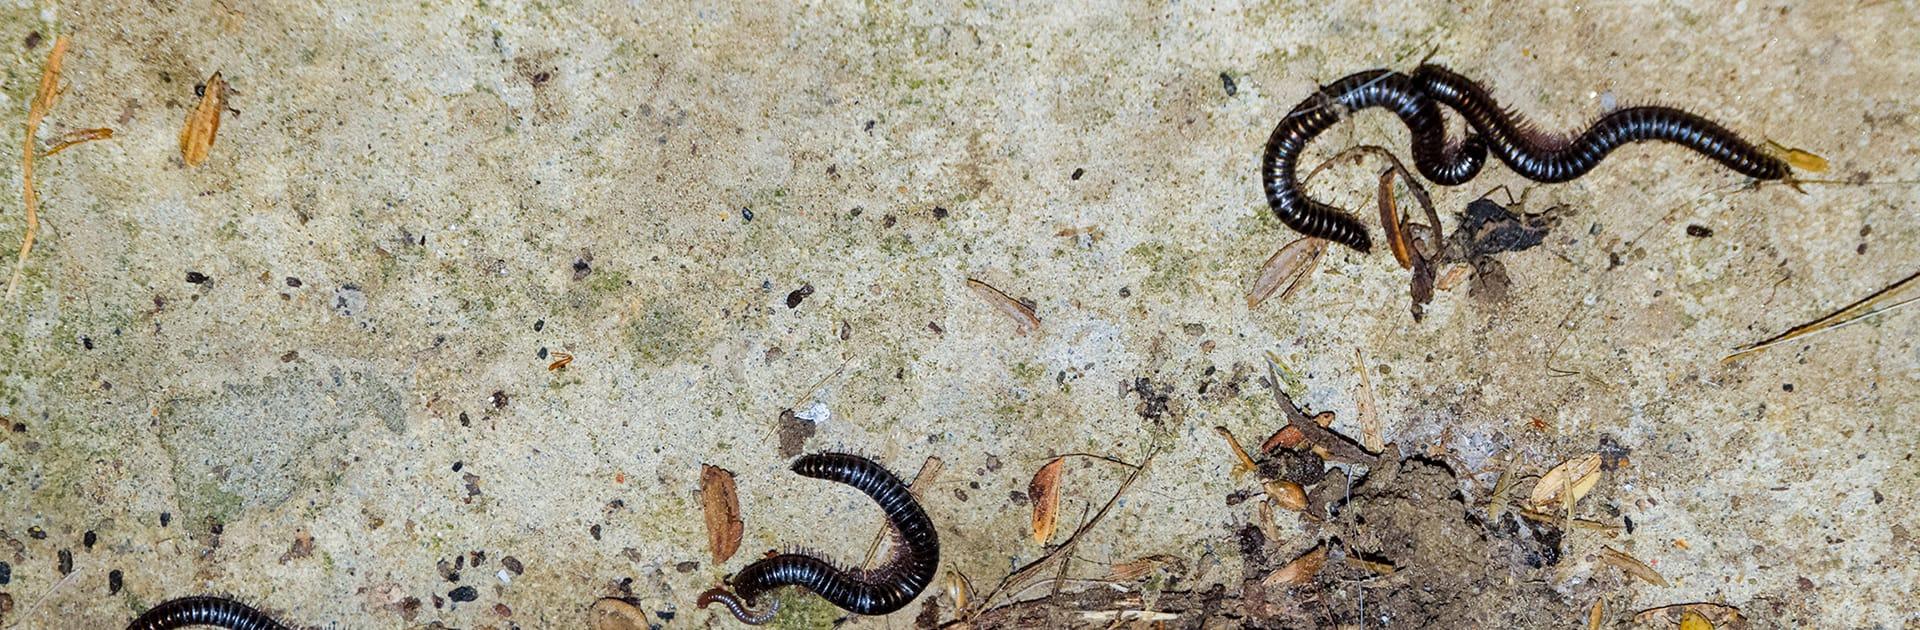 millipedes on garage floor